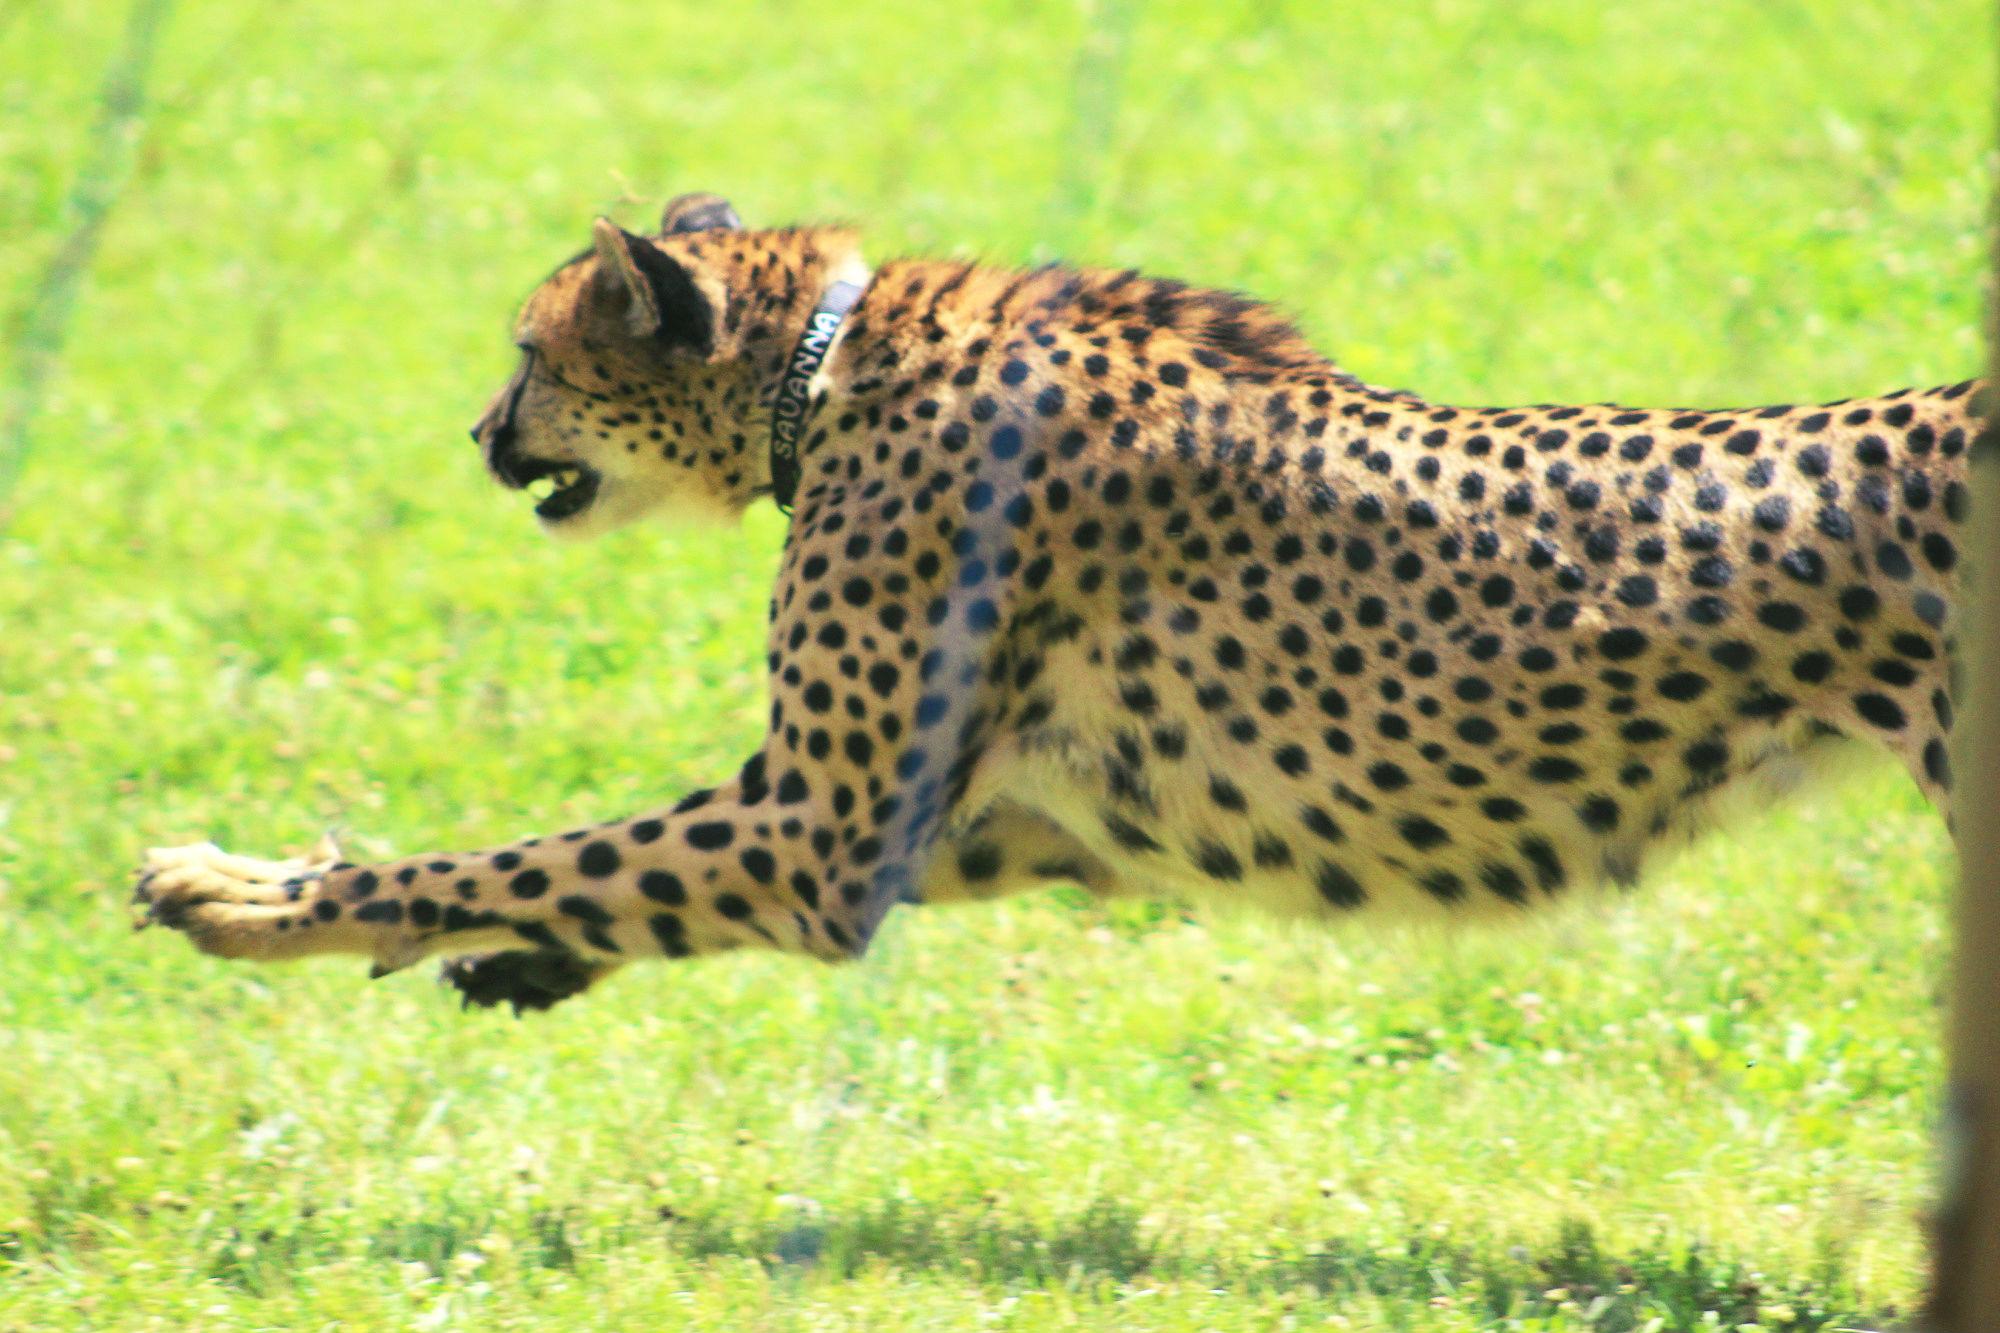 Spencer vs. the Serval